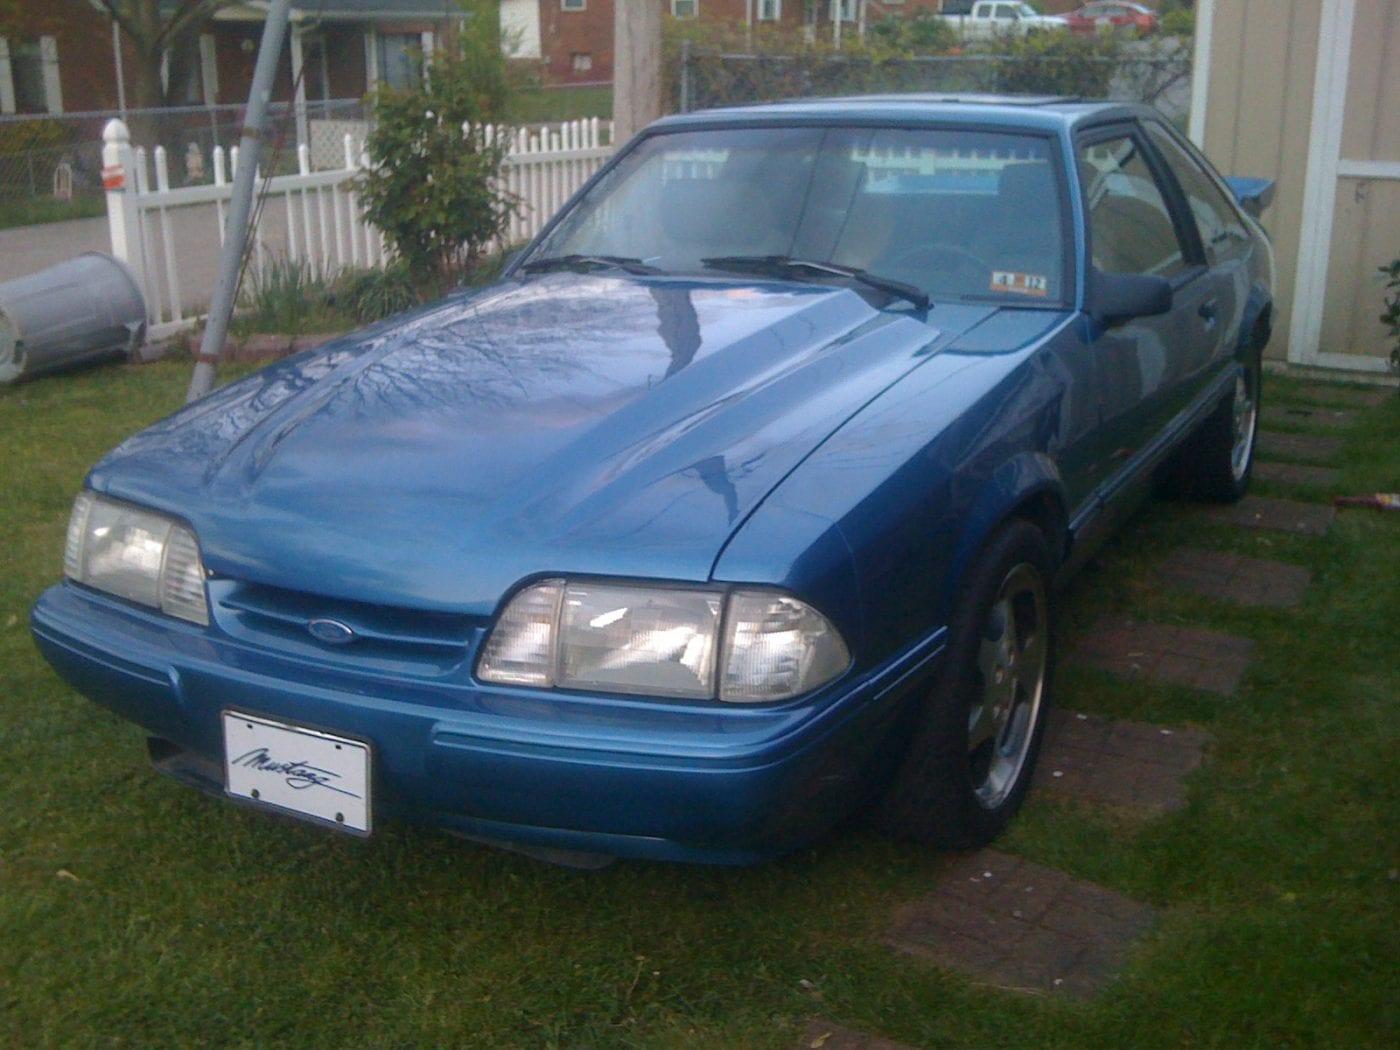 Bright Regatta Blue 1989 Ford Mustang